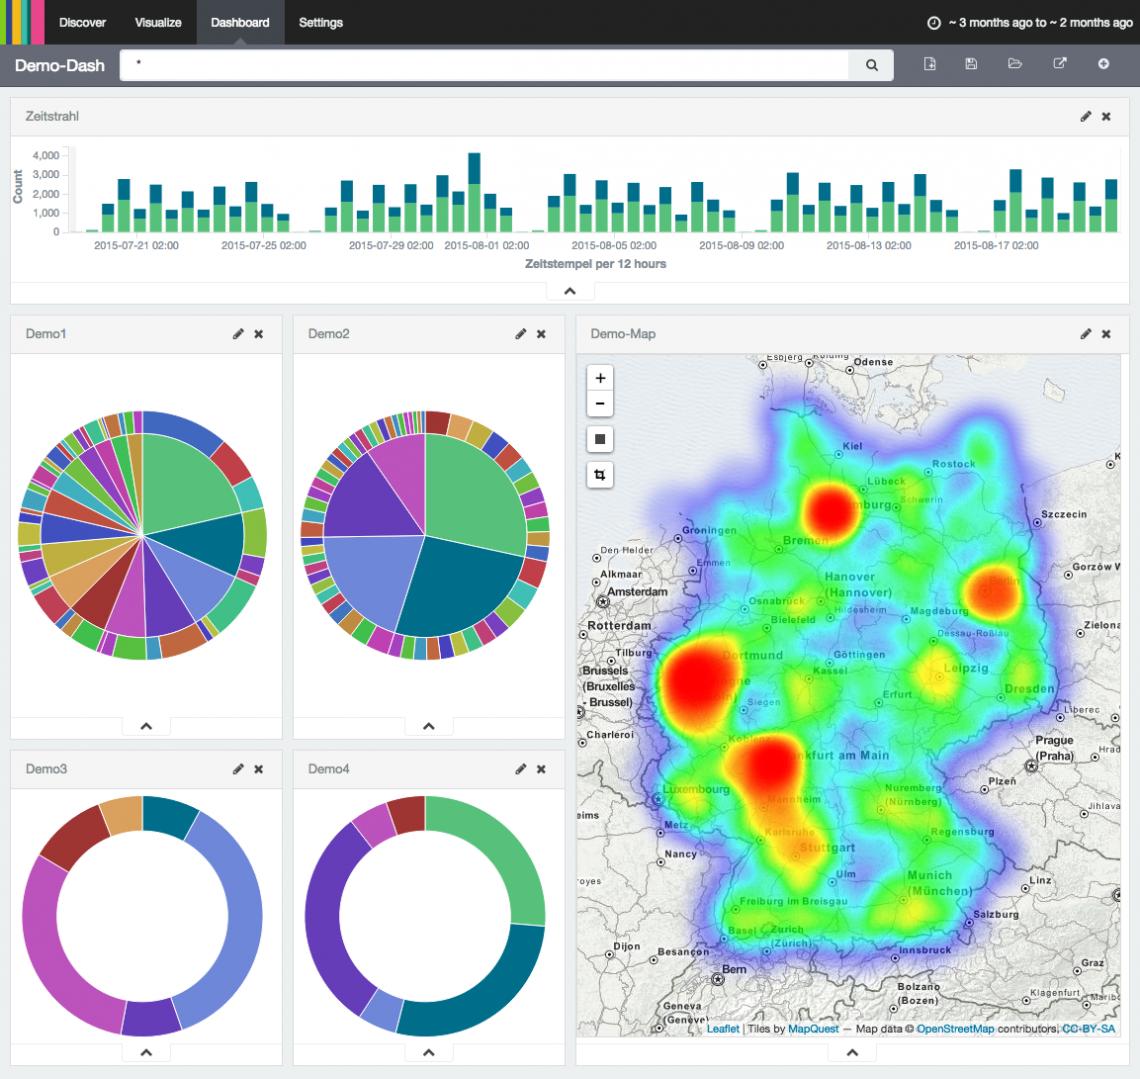 Beispiel eines Dashboards, das Daten in Kuchendiagrammen und als Heatmap über Deutschland zeigt.